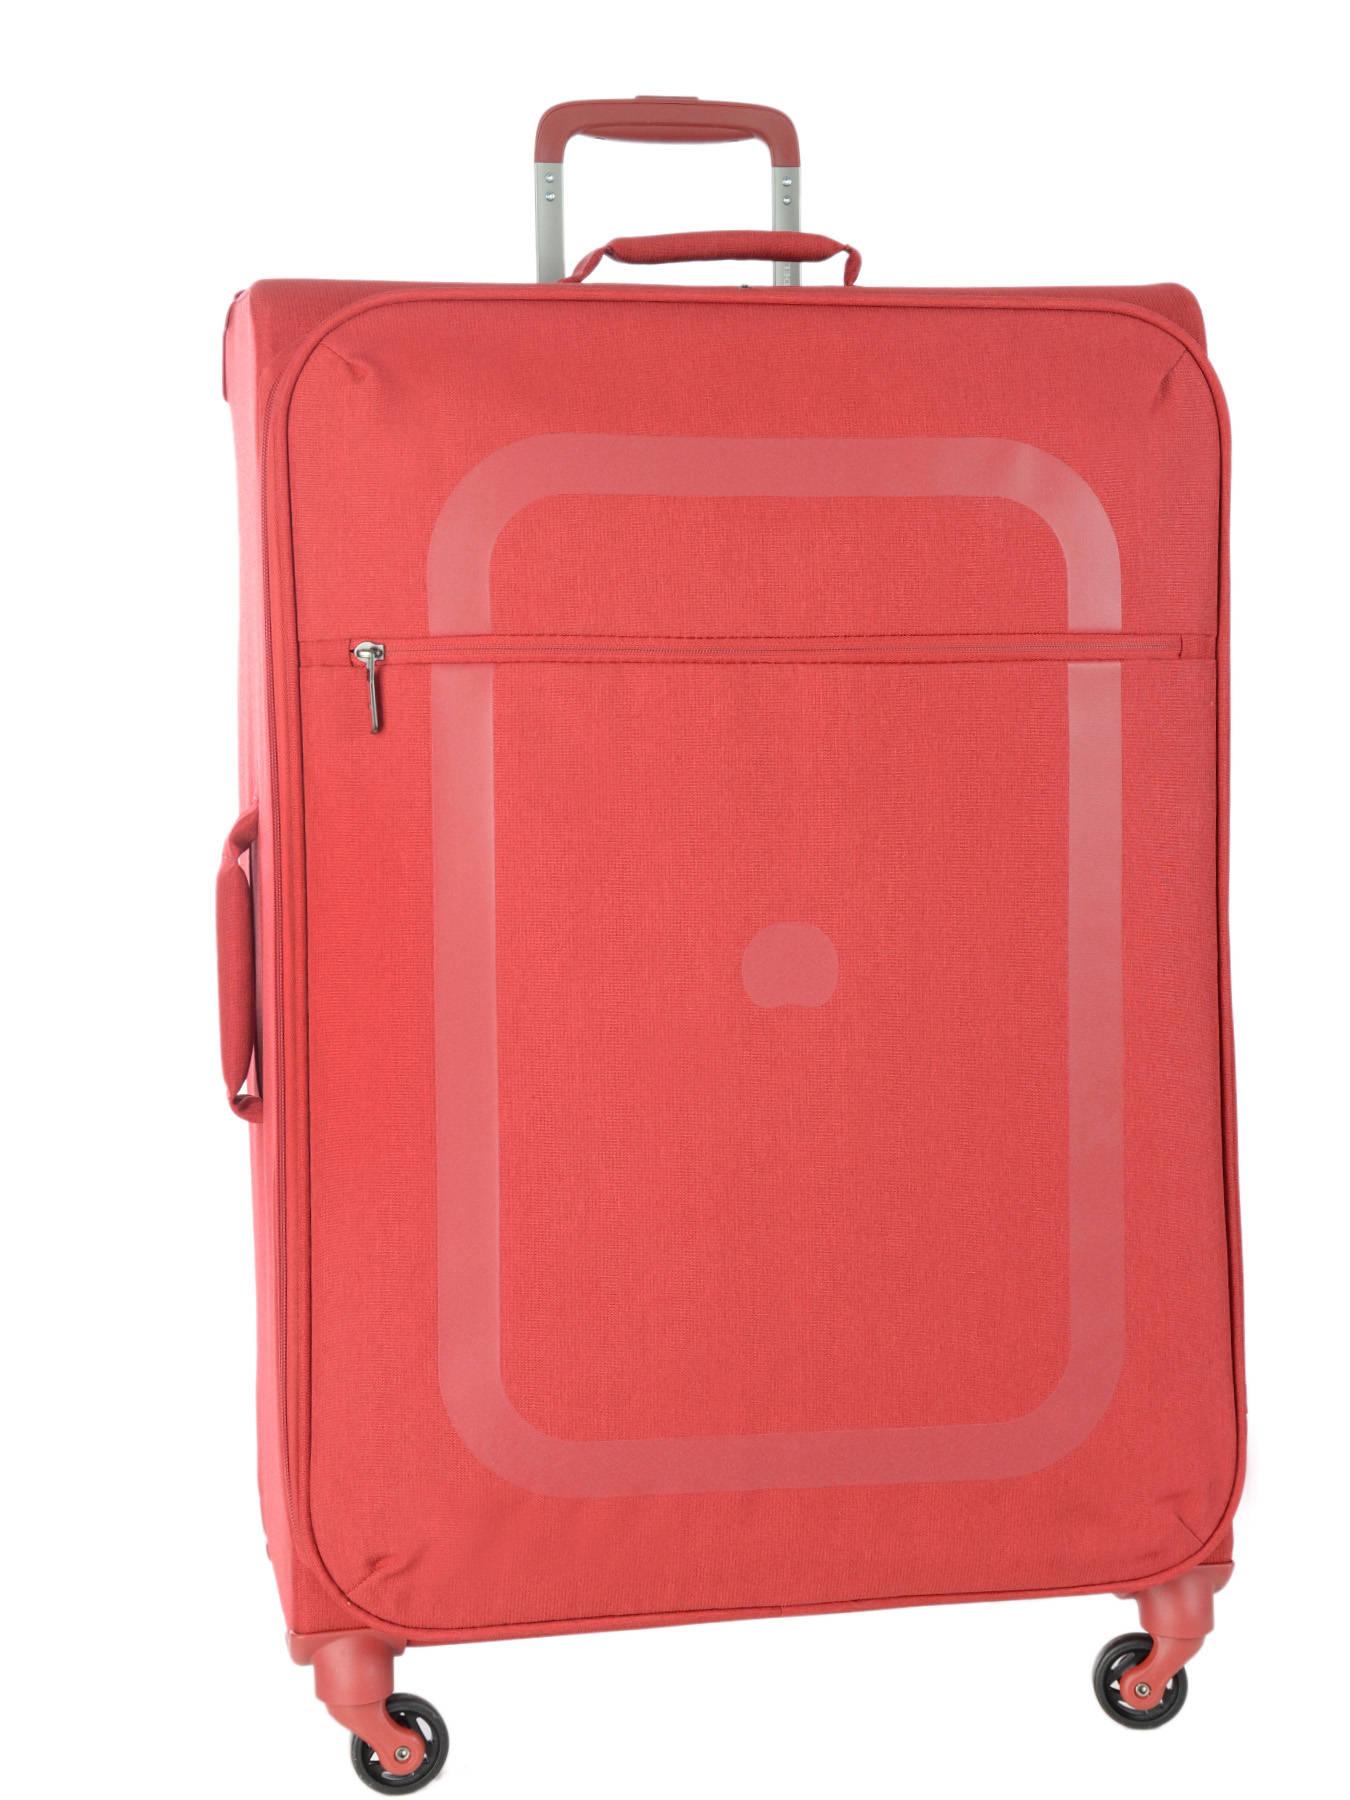 valise souple delsey rouge en vente au meilleur prix. Black Bedroom Furniture Sets. Home Design Ideas